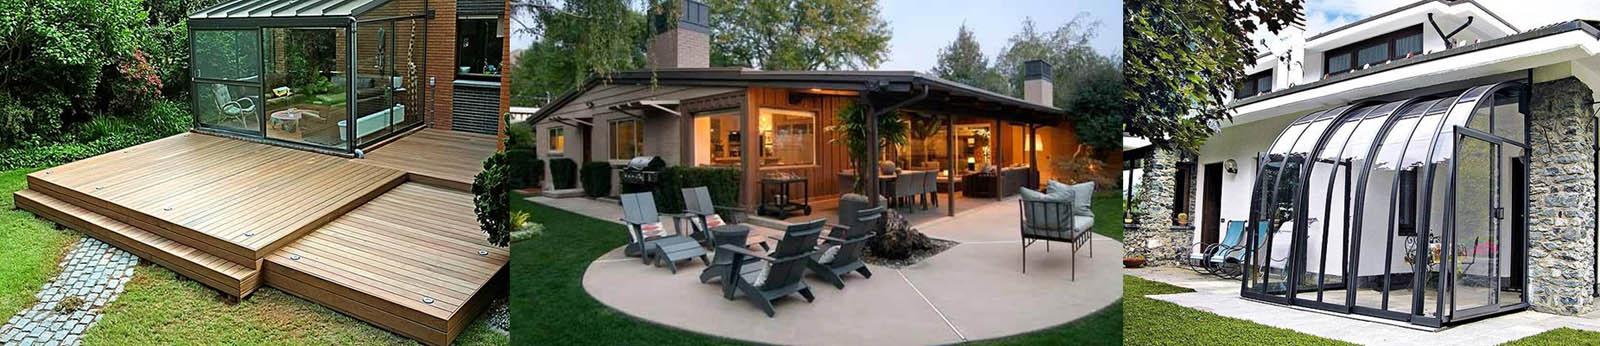 Комбинированные террасы для согласования архитектуры дома с ландшафтом